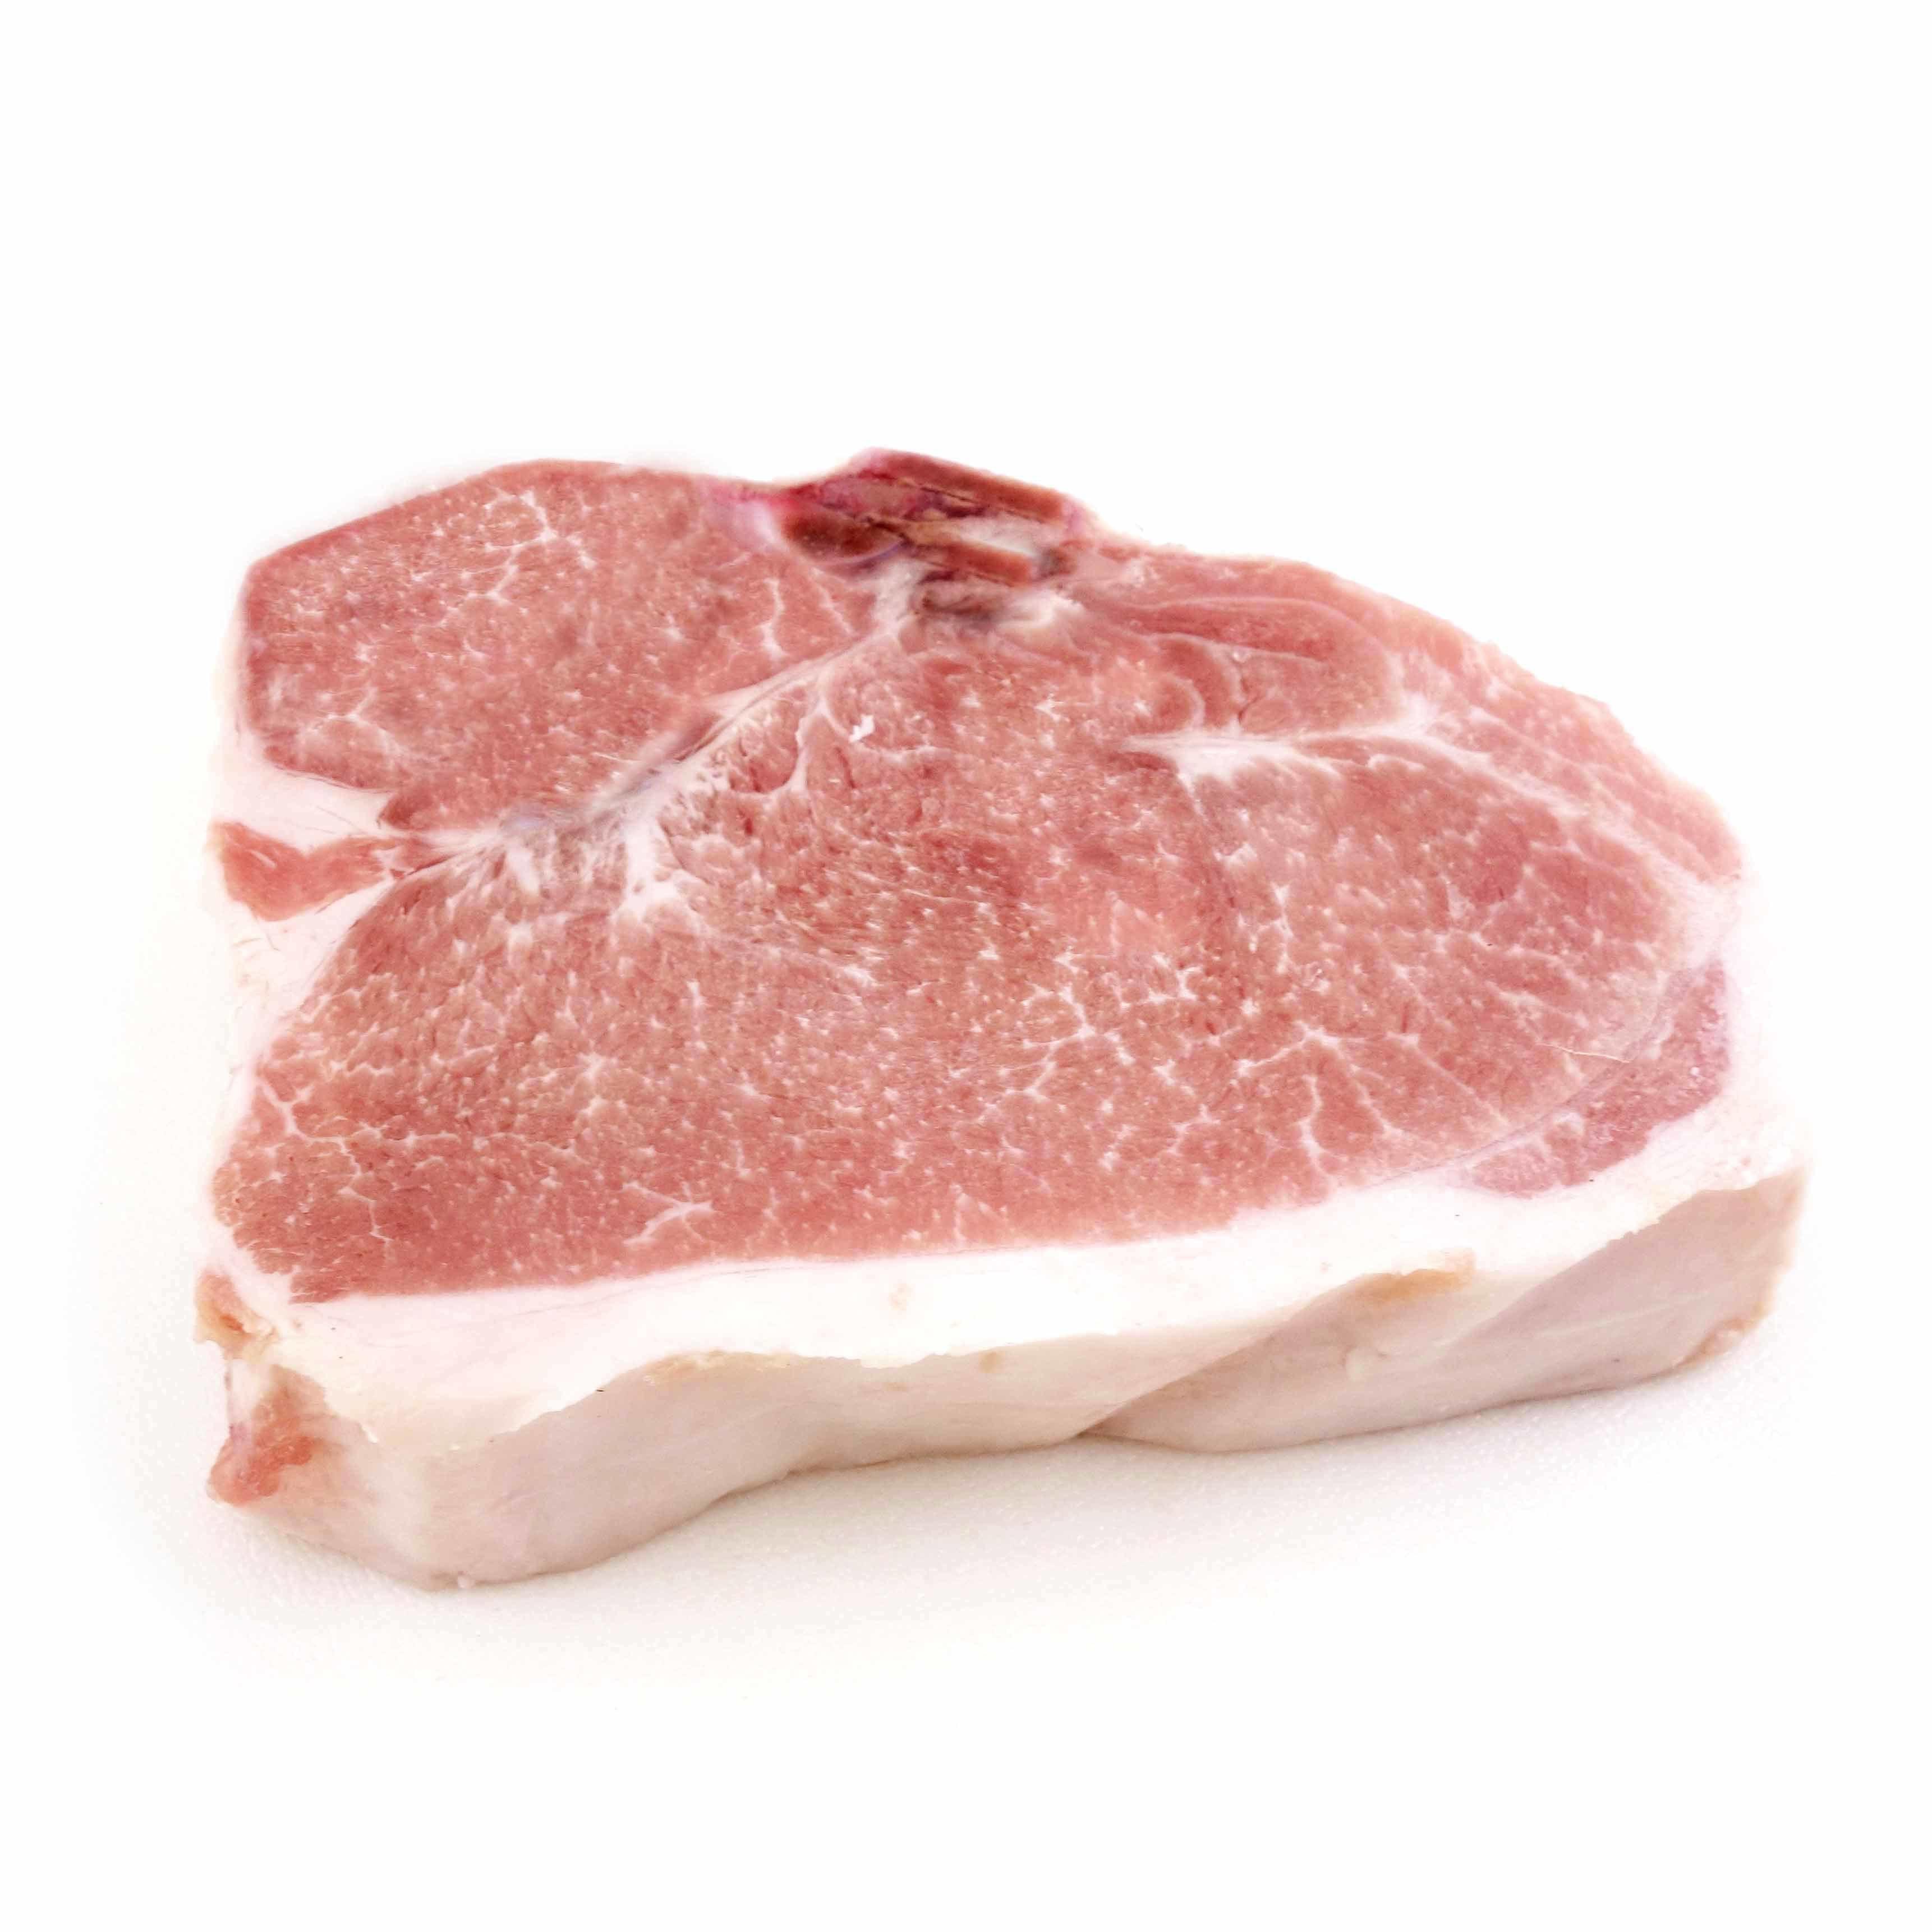 Filete de cerdo US Pork importada (paq de 2 a 3lb aprox) precio por lb